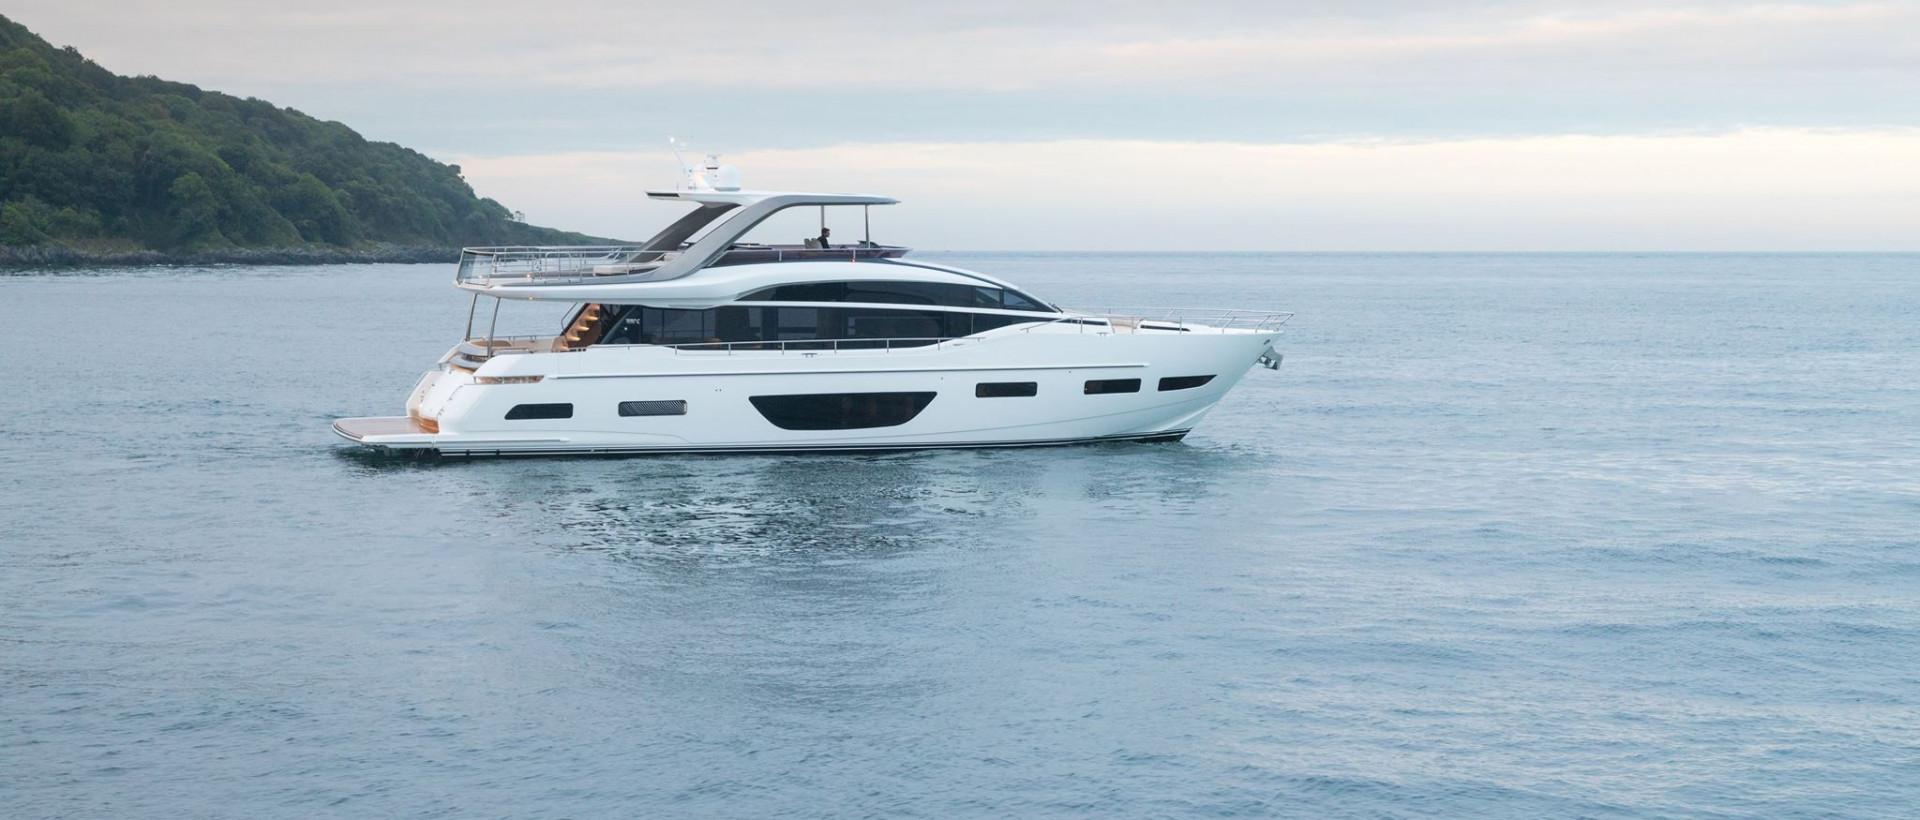 https://www.princess.fr/yacht/2/princess-y85-motor-yacht